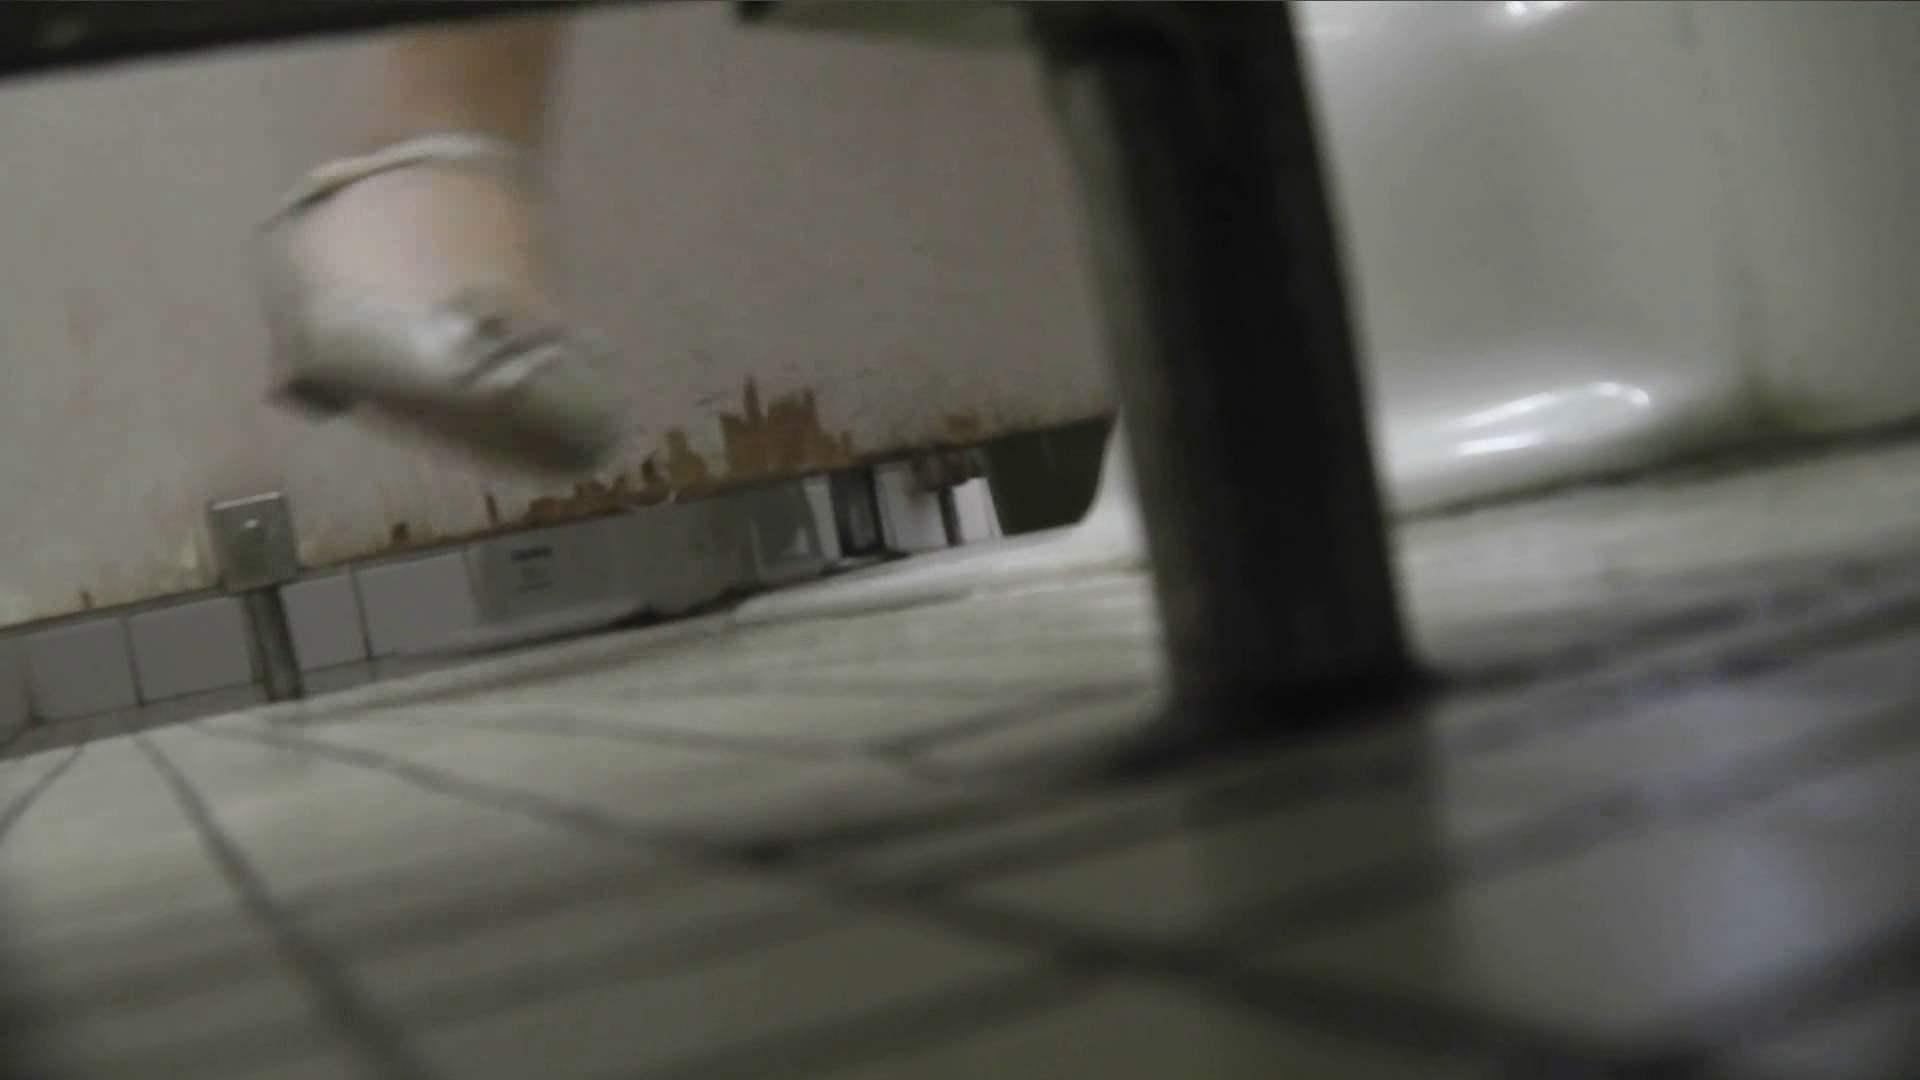 【美しき個室な世界】 vol.025 メガネ属性ヾ(´∀`)ノ 洗面所  84画像 84